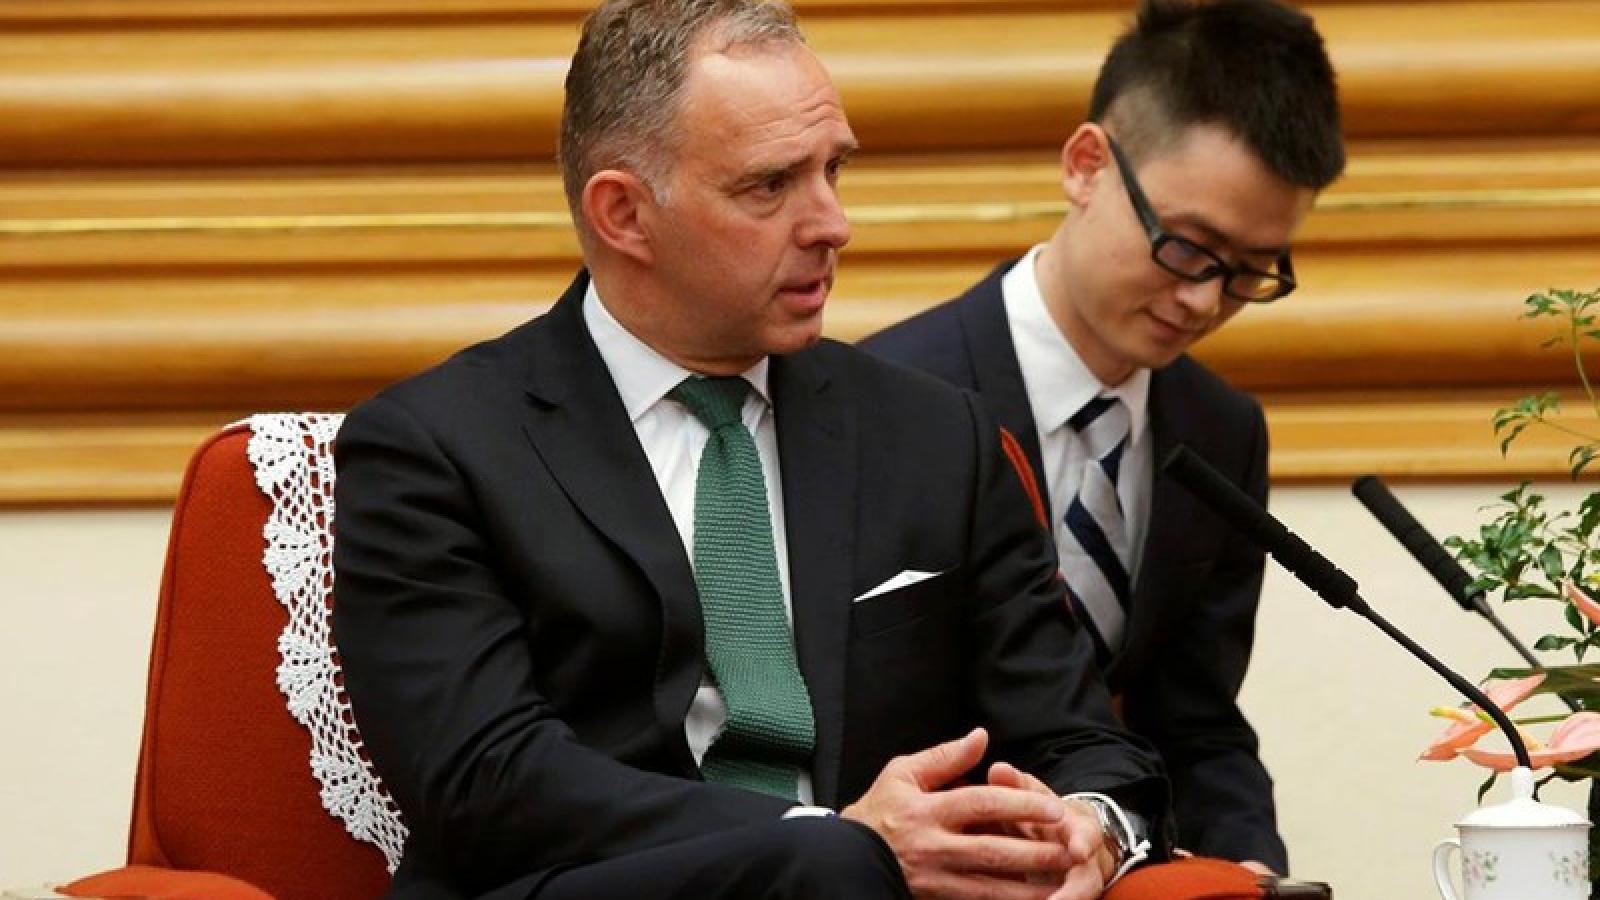 Bộ trưởng Nội các Anh Mark Sedwill từ chức